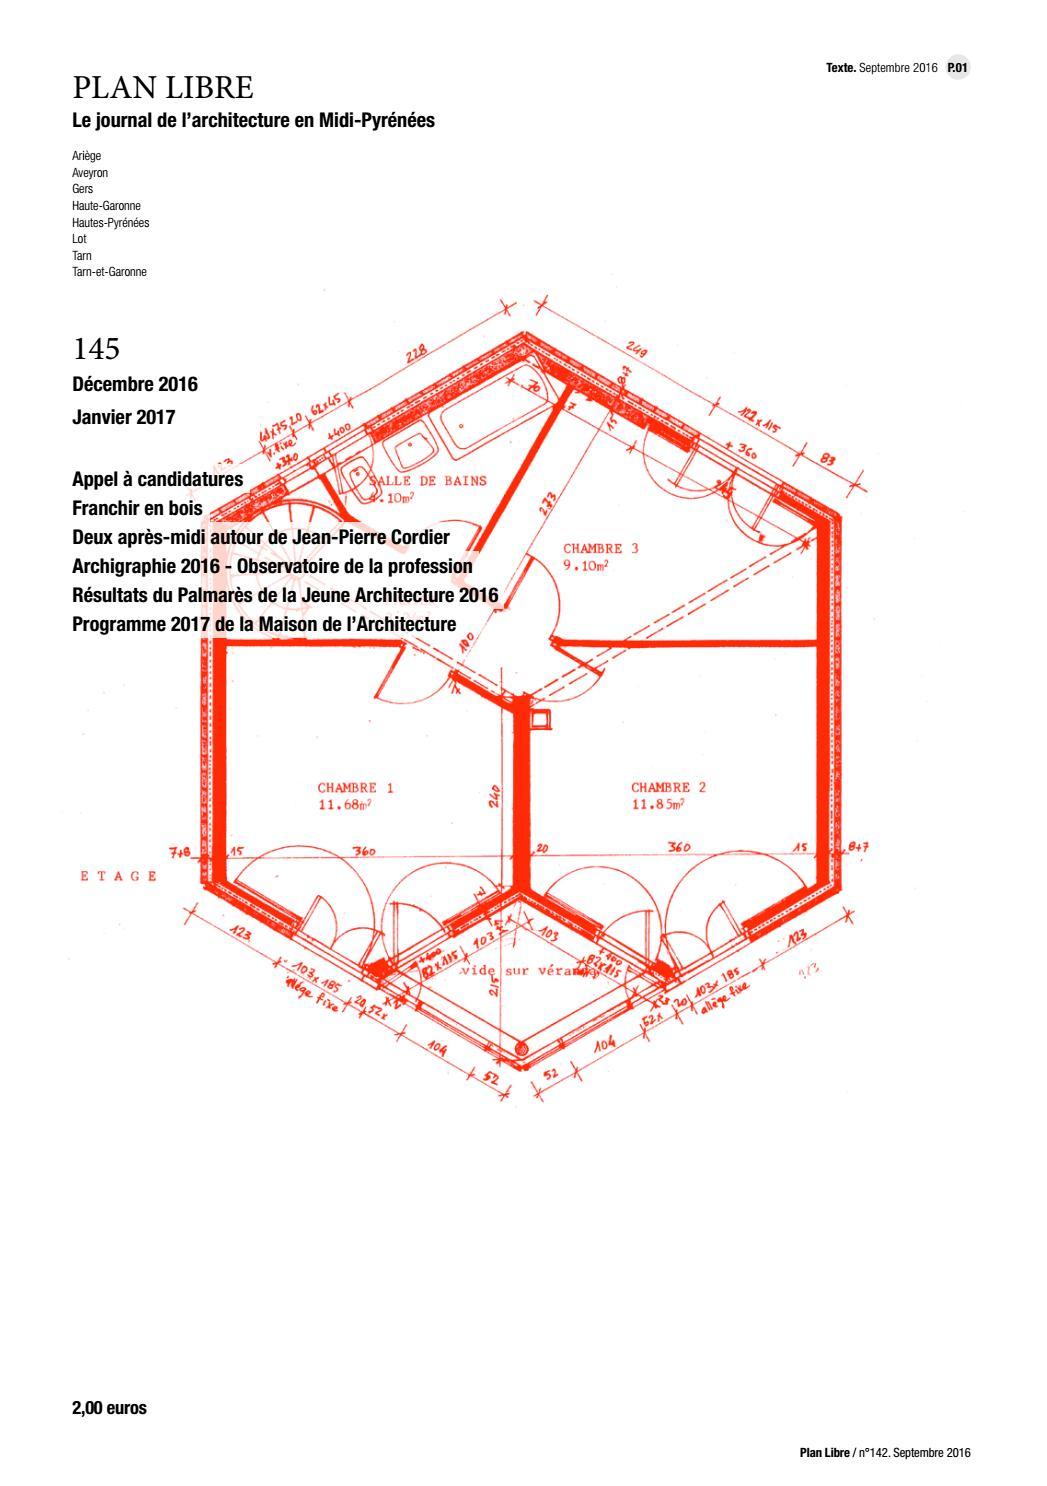 plan libre 145 d cembre 2016 janvier 2017 by maison de l 39 architecture occitanie pyr n es issuu. Black Bedroom Furniture Sets. Home Design Ideas